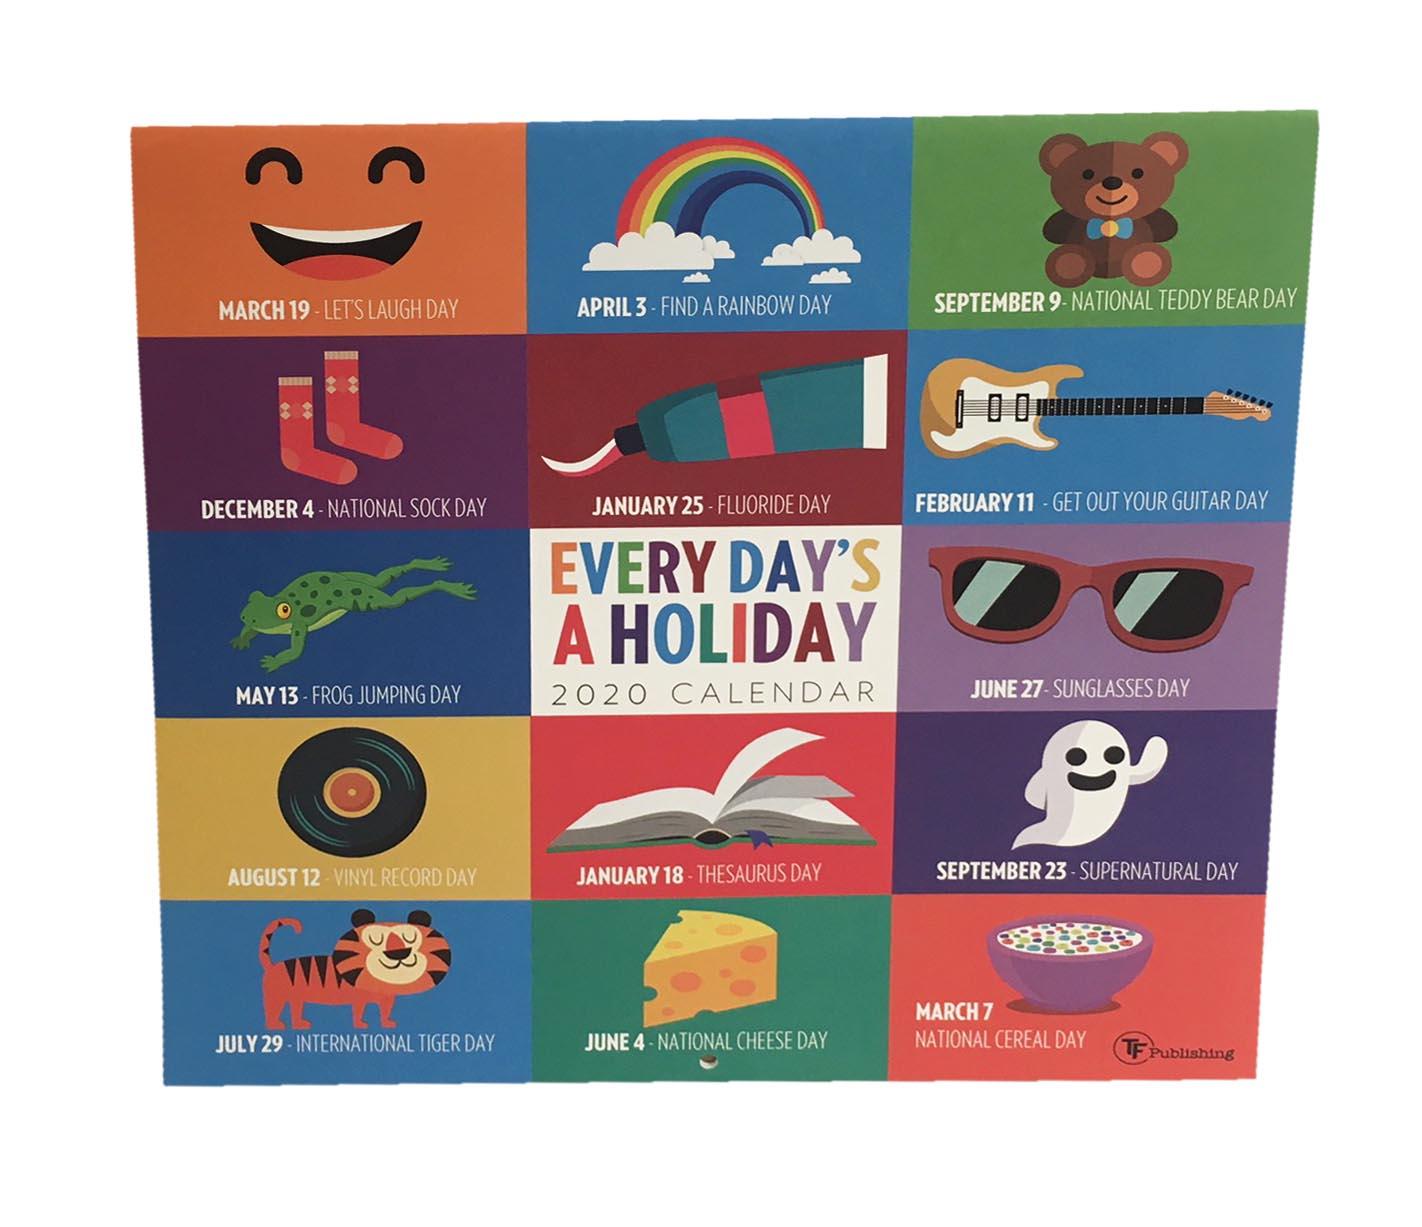 Every Day's A Holiday Calendar Regarding Everydays A Holiday Calendar